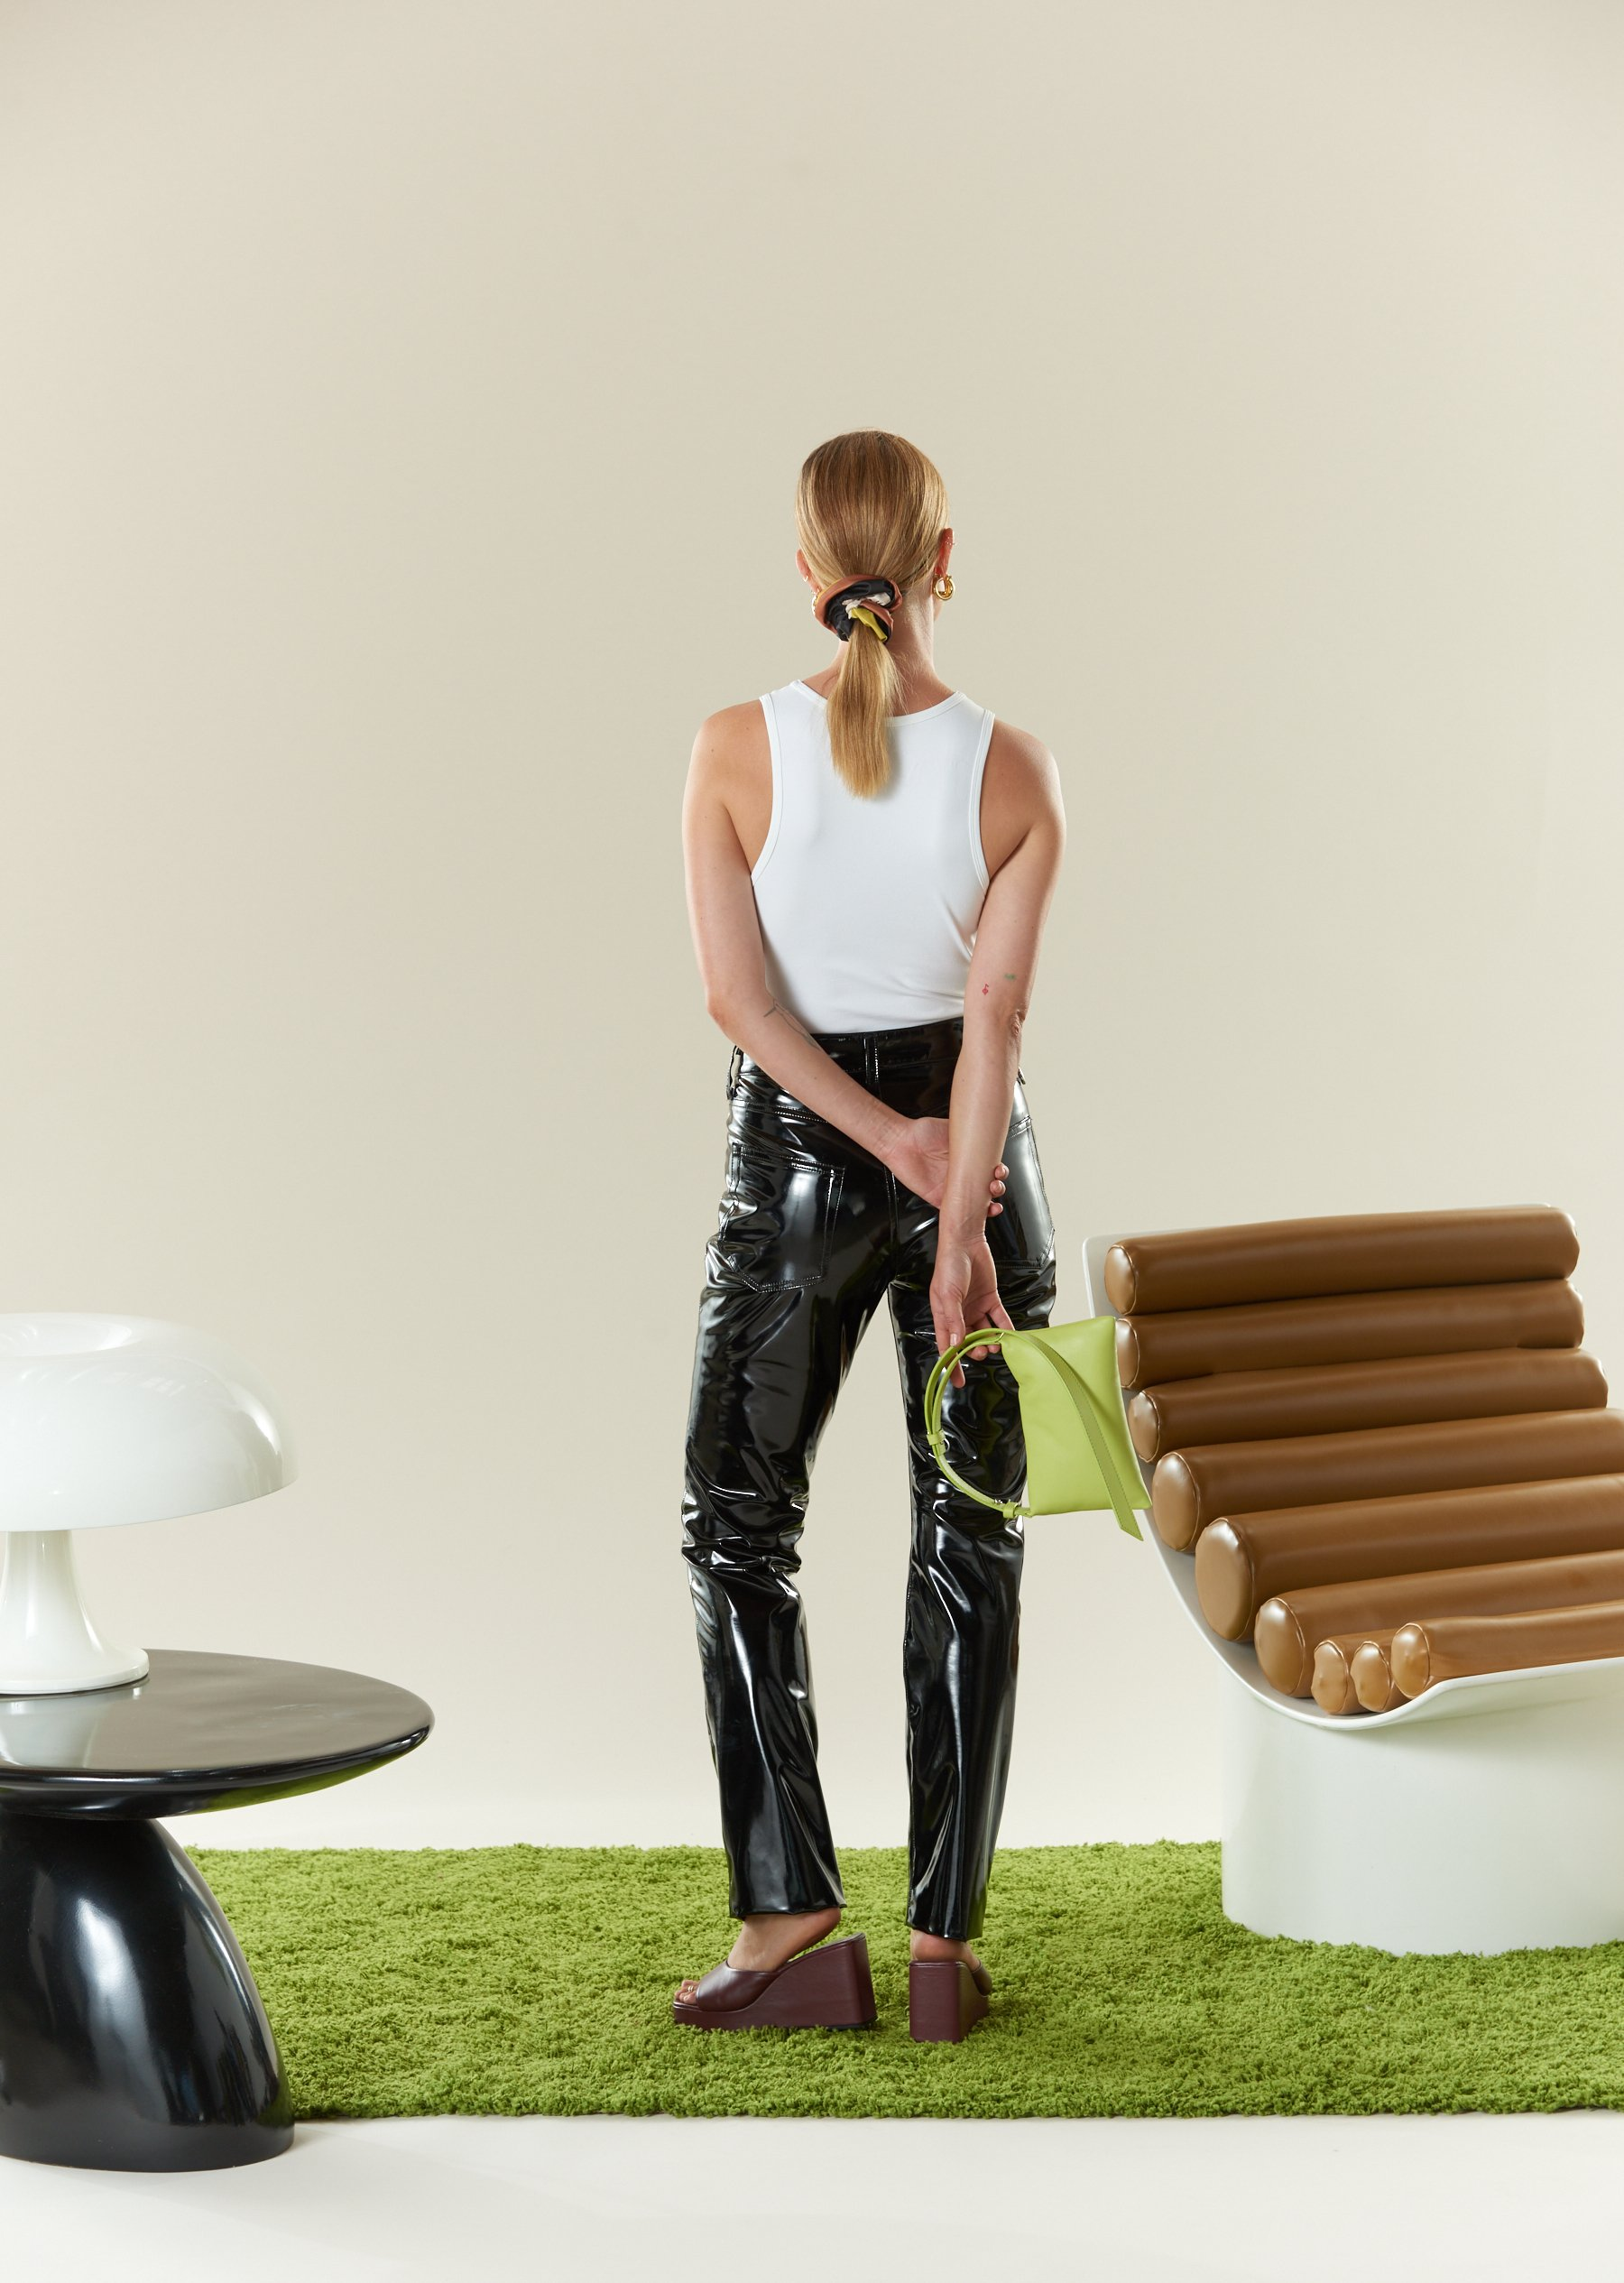 VEGAN LEATHER Straight Leg Pant in Black by Simon Miller - 6